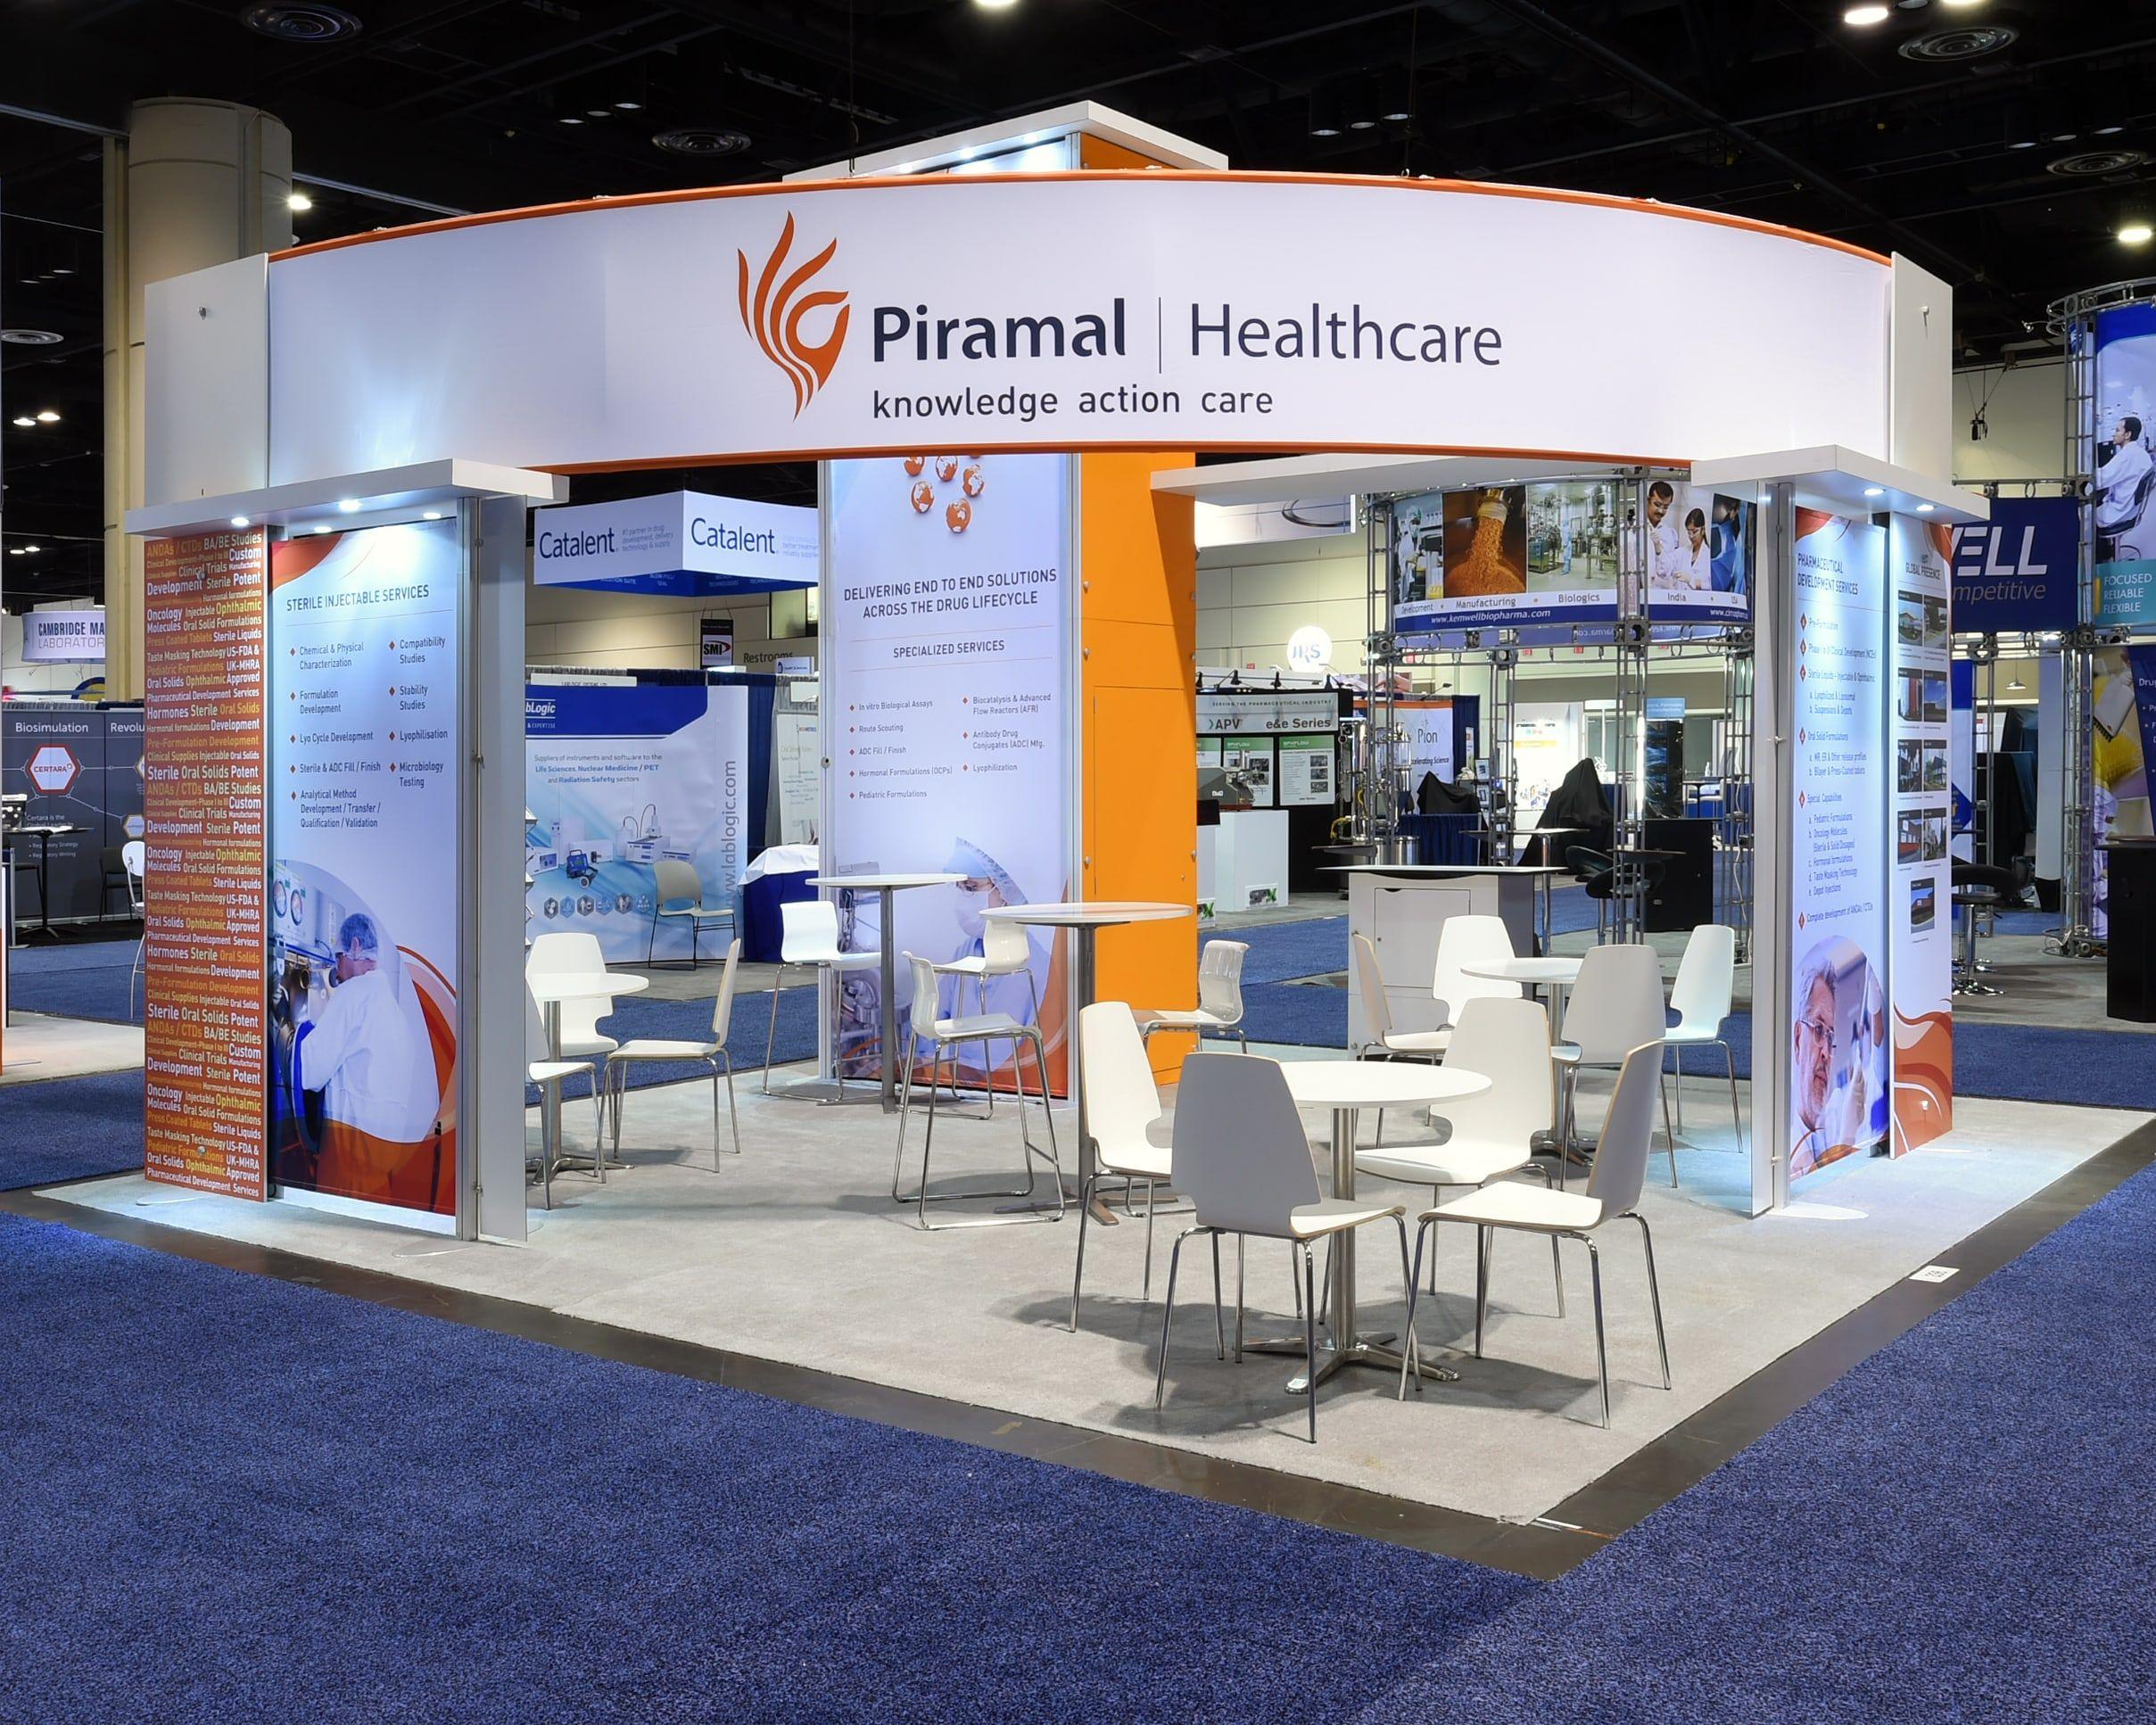 Exhibition Stands In Orlando : Piramal healthcare exhibition stand in orlando